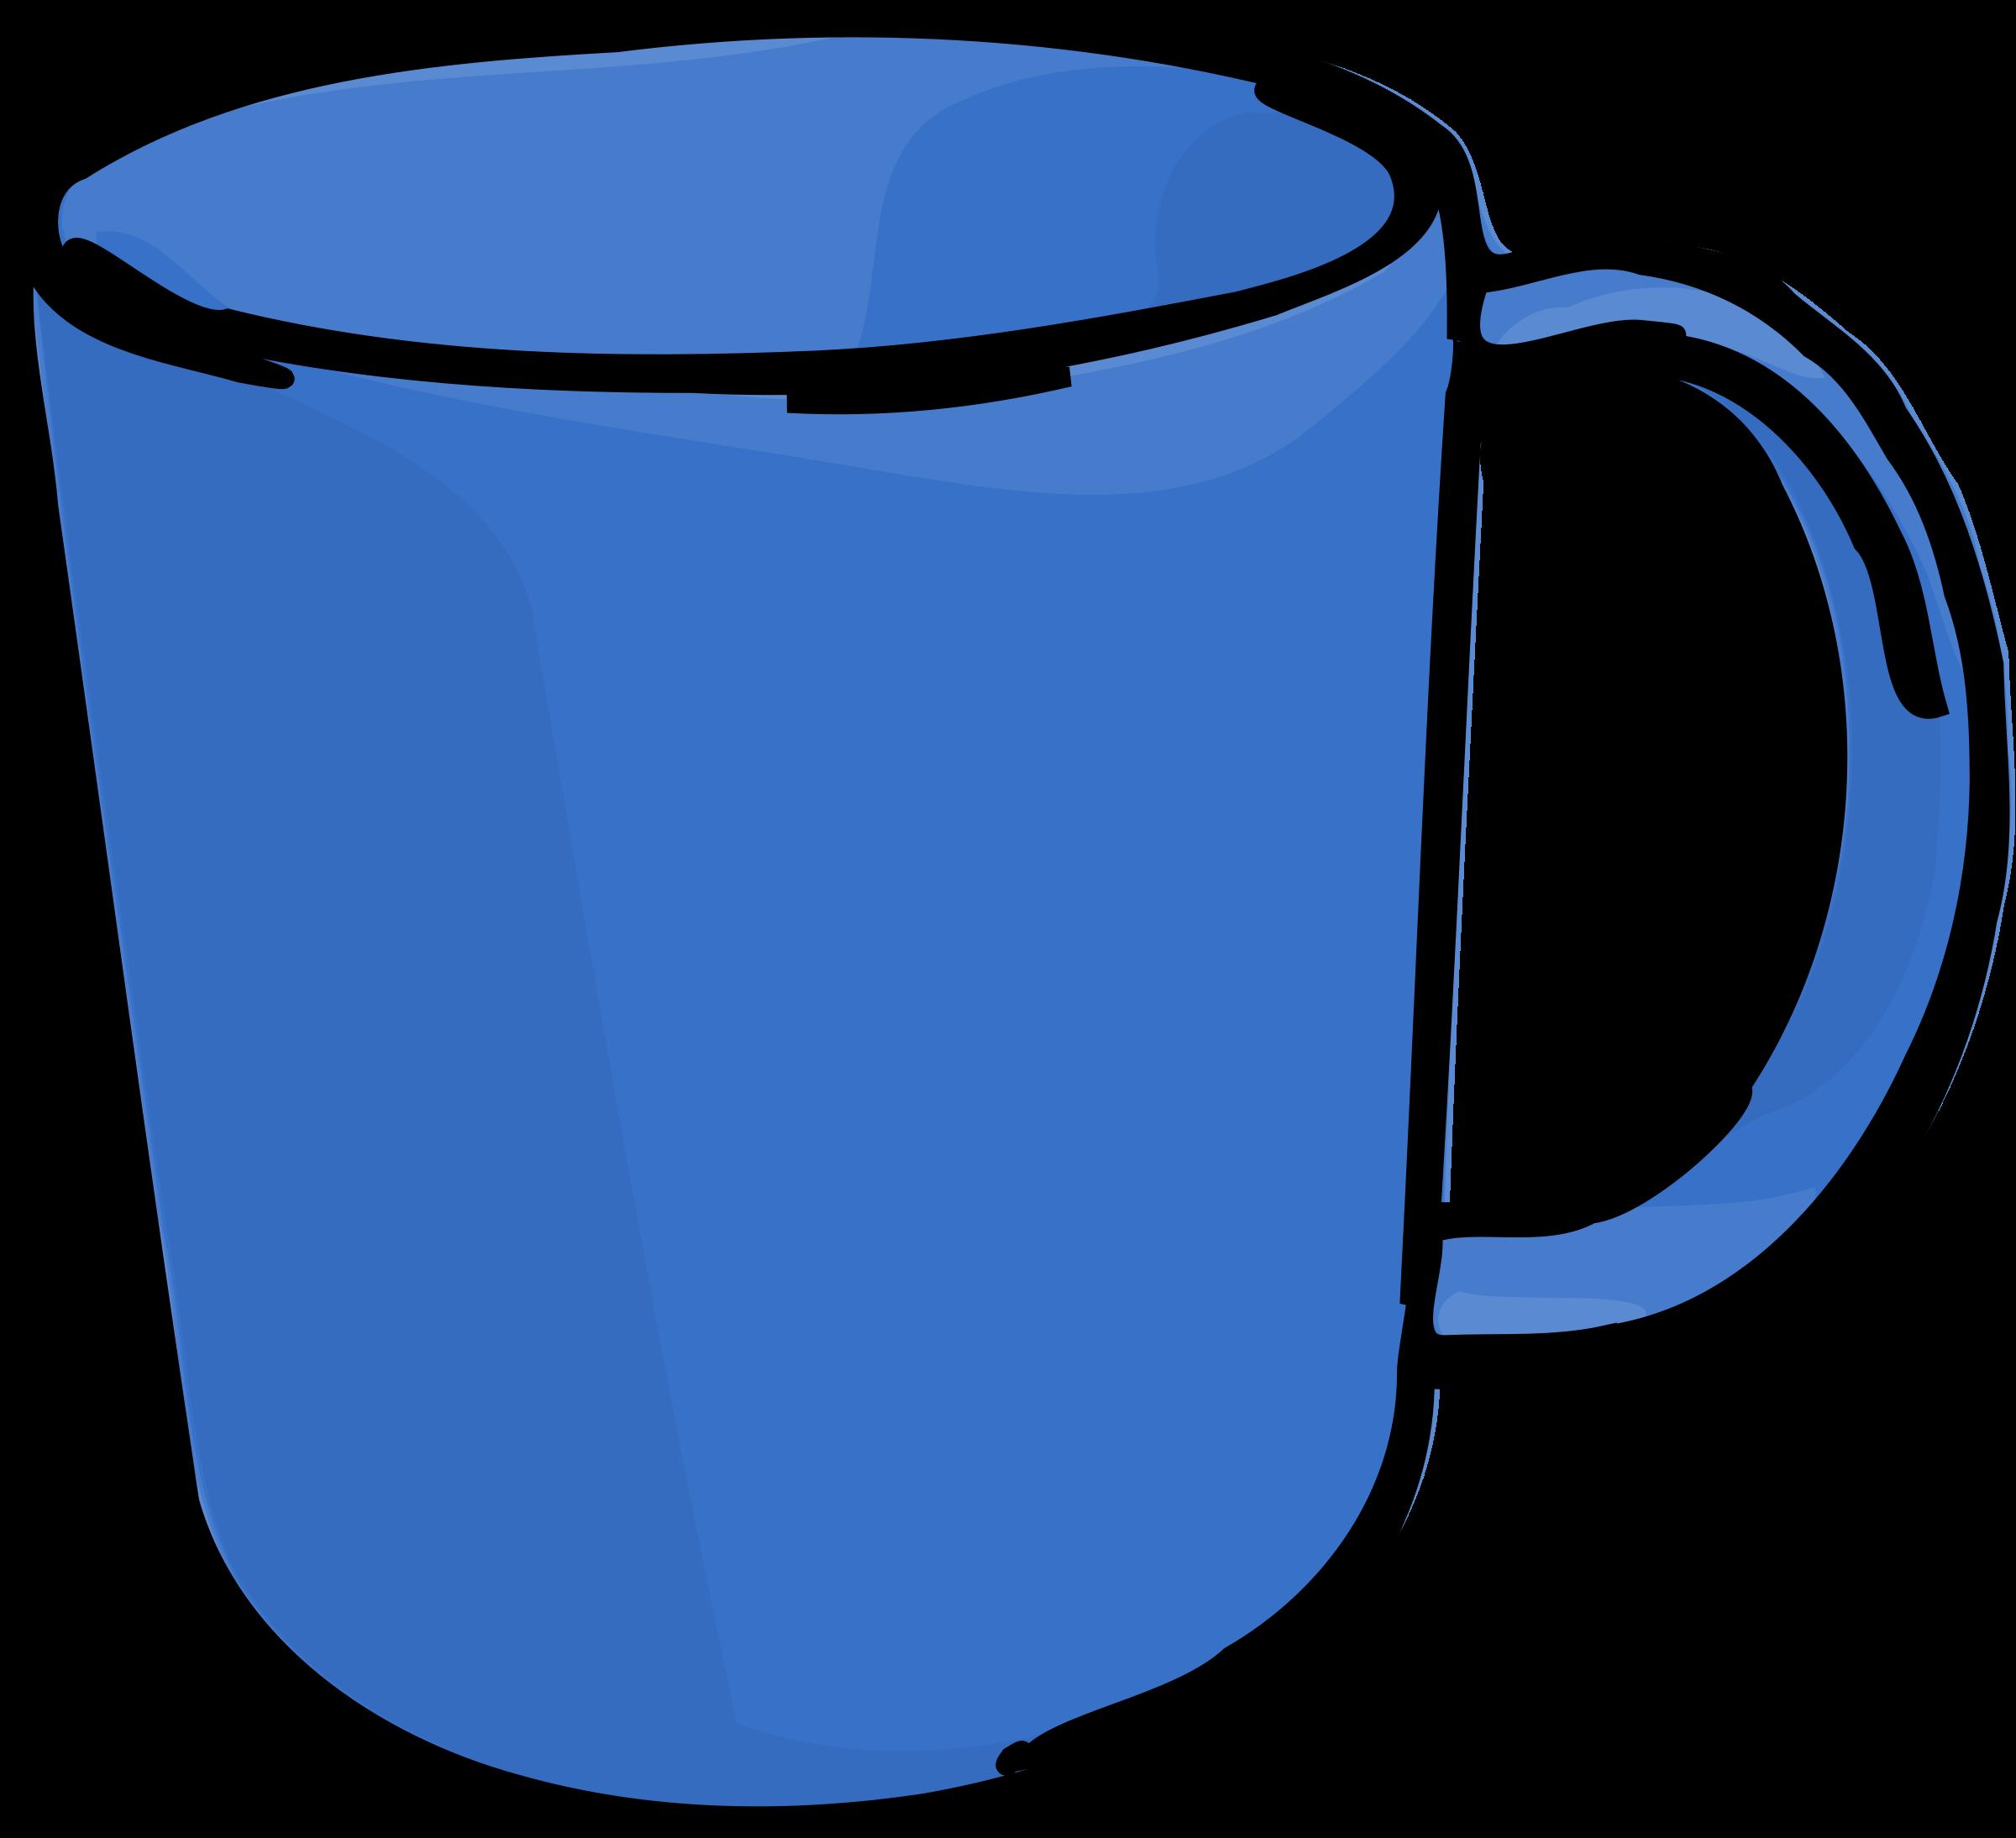 Image png. Mug clipart big mug